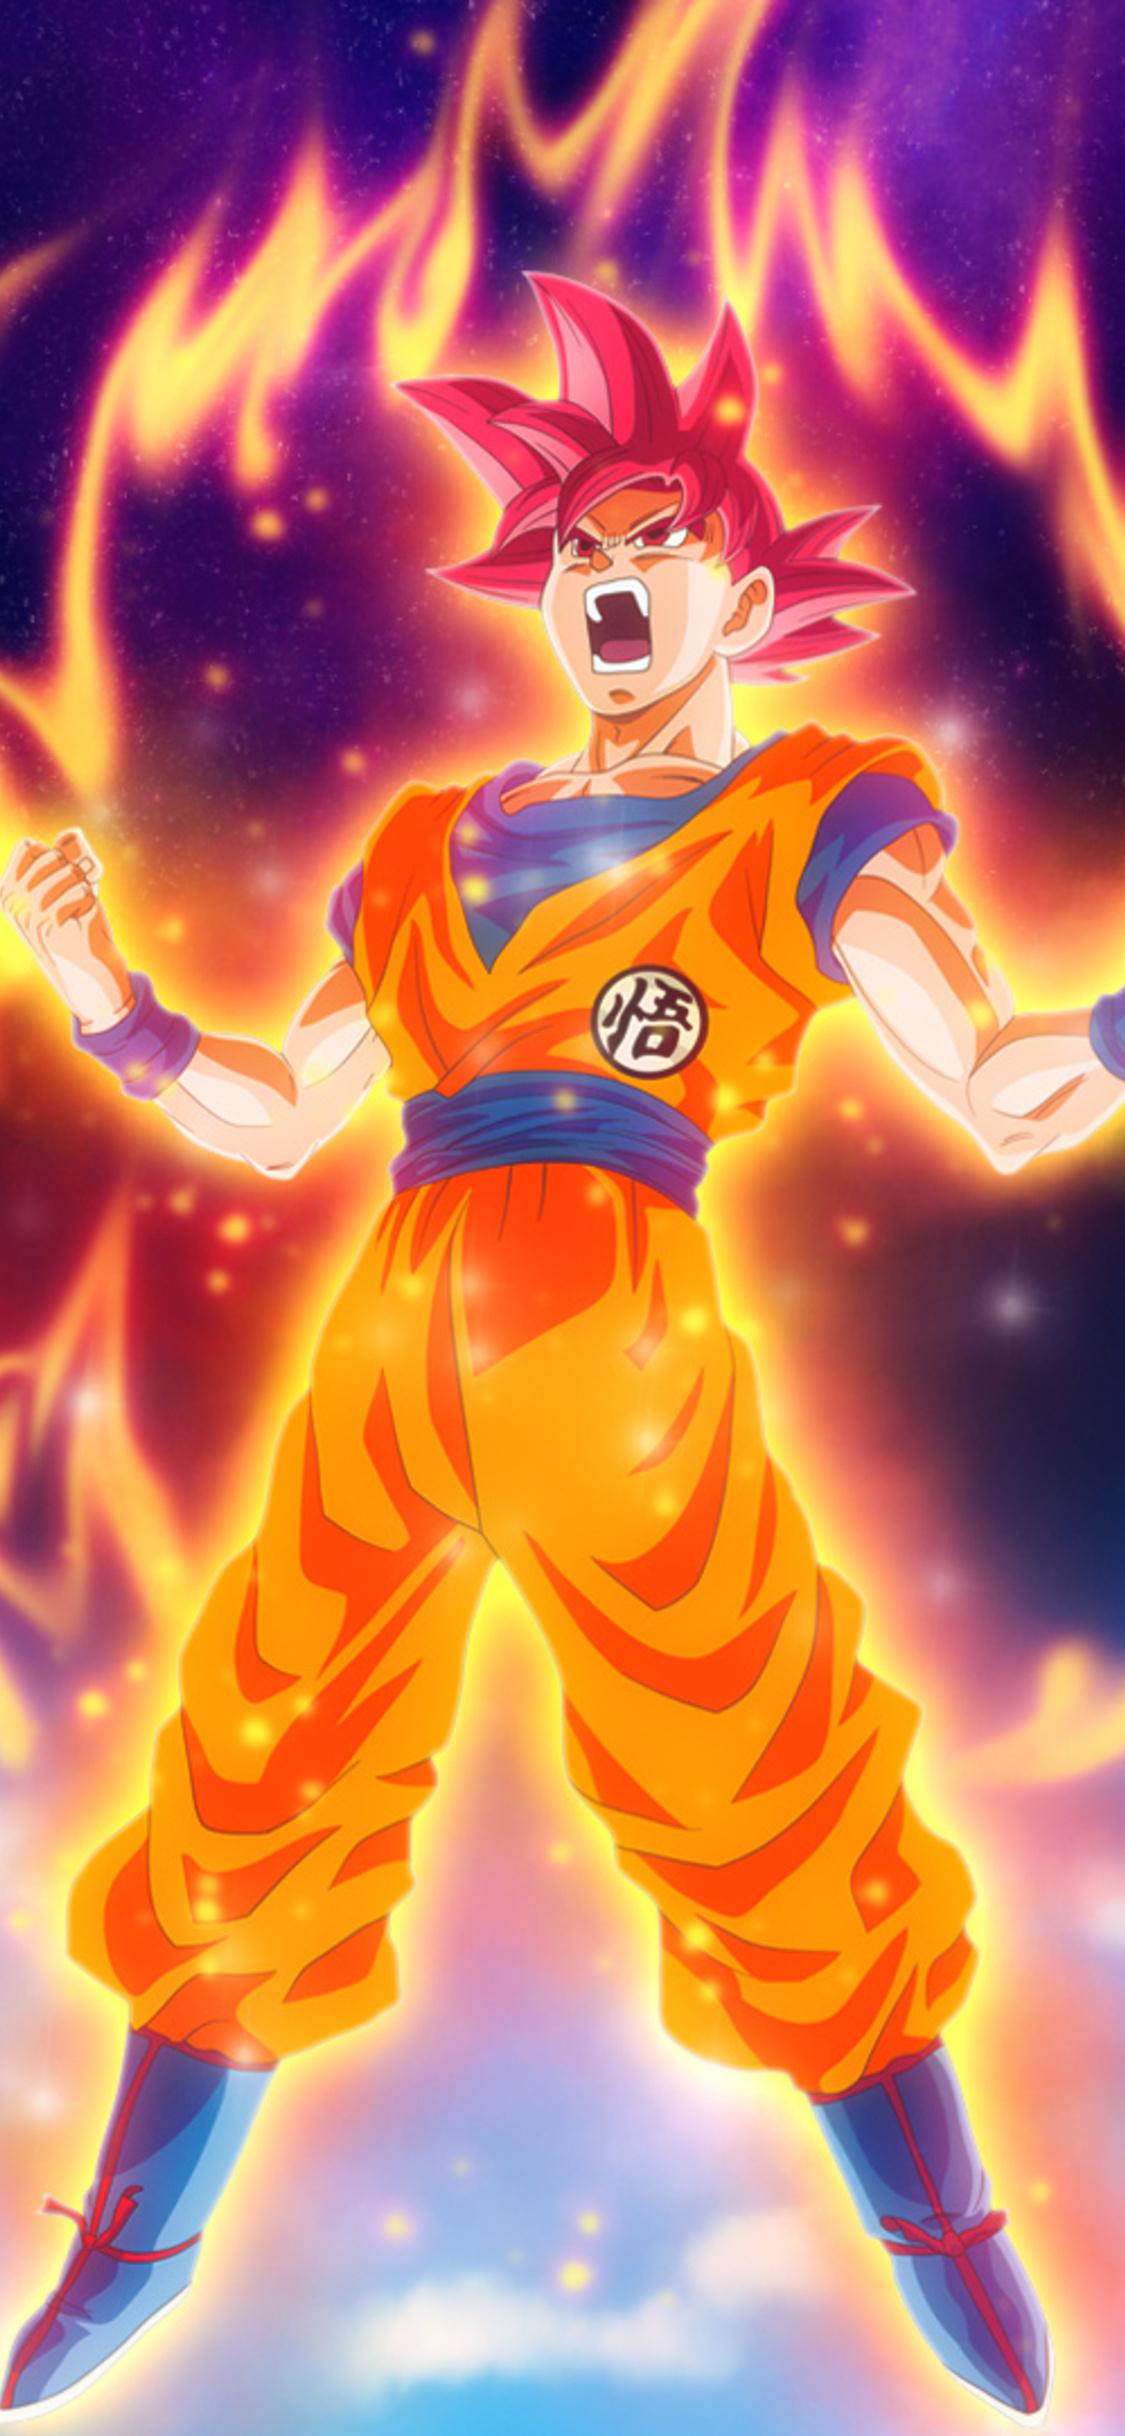 1125x2436 Dragon Ball Z Goku Iphone Xs Iphone 10 Iphone X Hd 4k